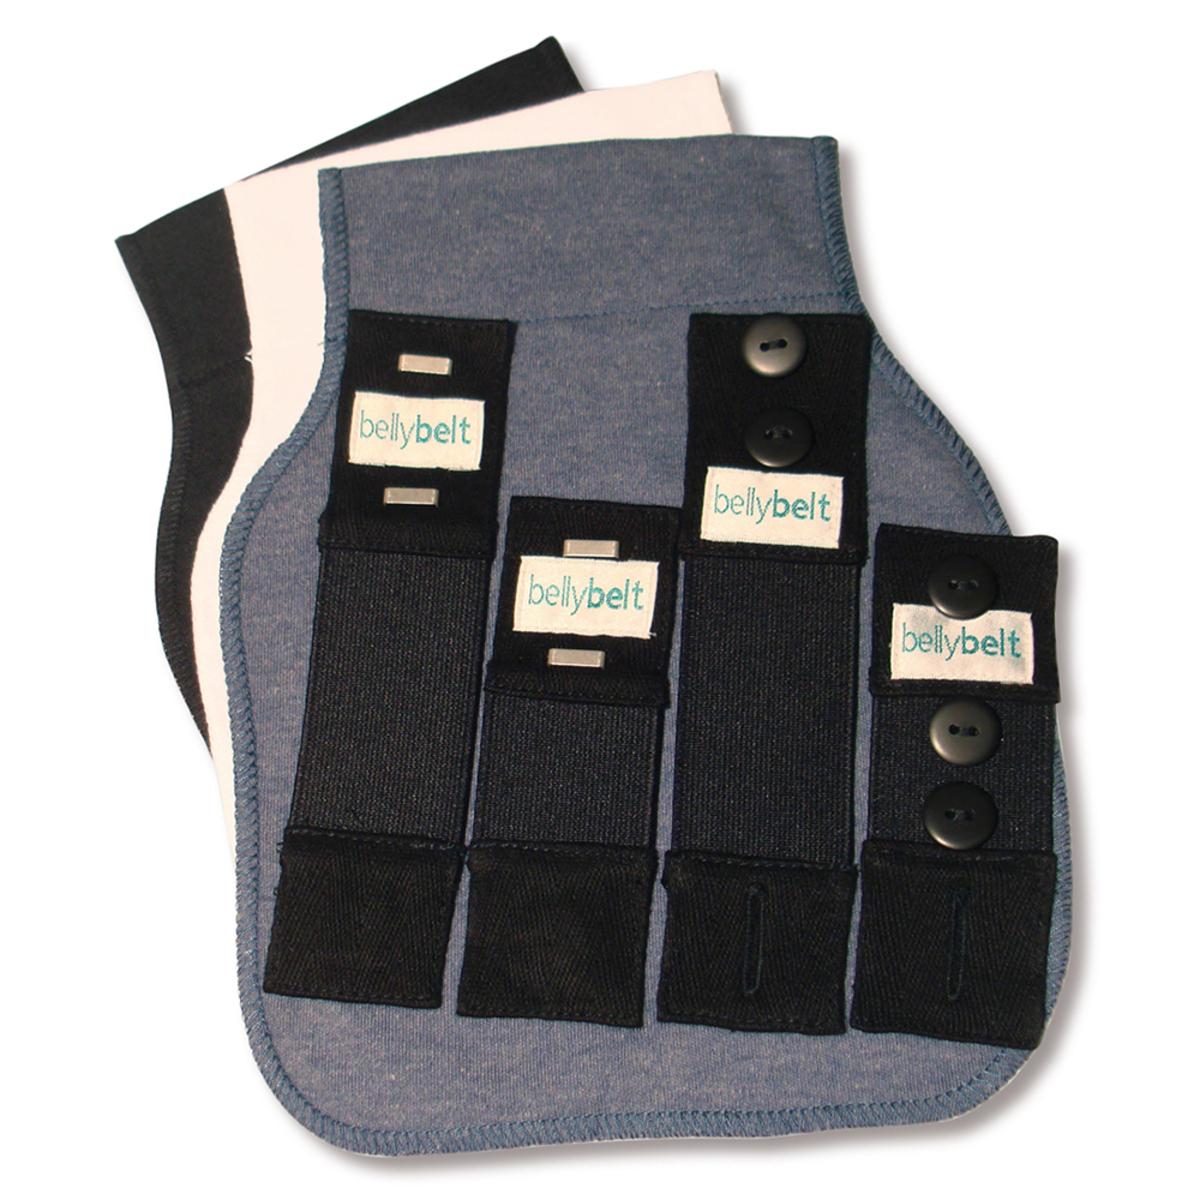 Accessoires bébé Belly Belt Combo Kit - Blanc Noir et Denim Belly Belt Combo Kit - Blanc Noir et Denim